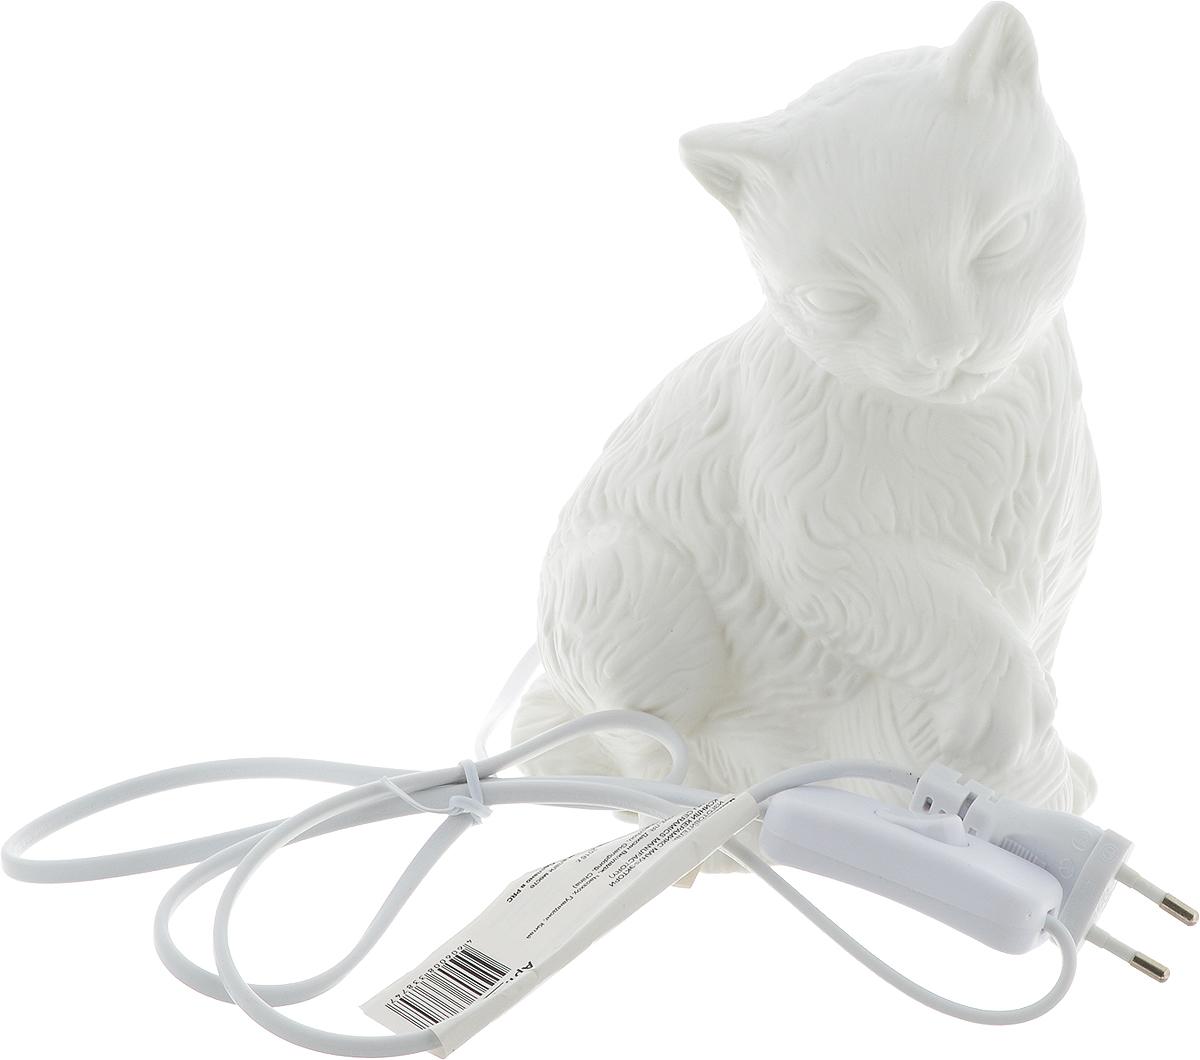 Лампа настольная Феникс-Презент Кошка с клубочком, цвет: белый, 15 х 11 х 19,5 см лампа настольная феникс презент белка цвет белый 17 х 12 х 19 см